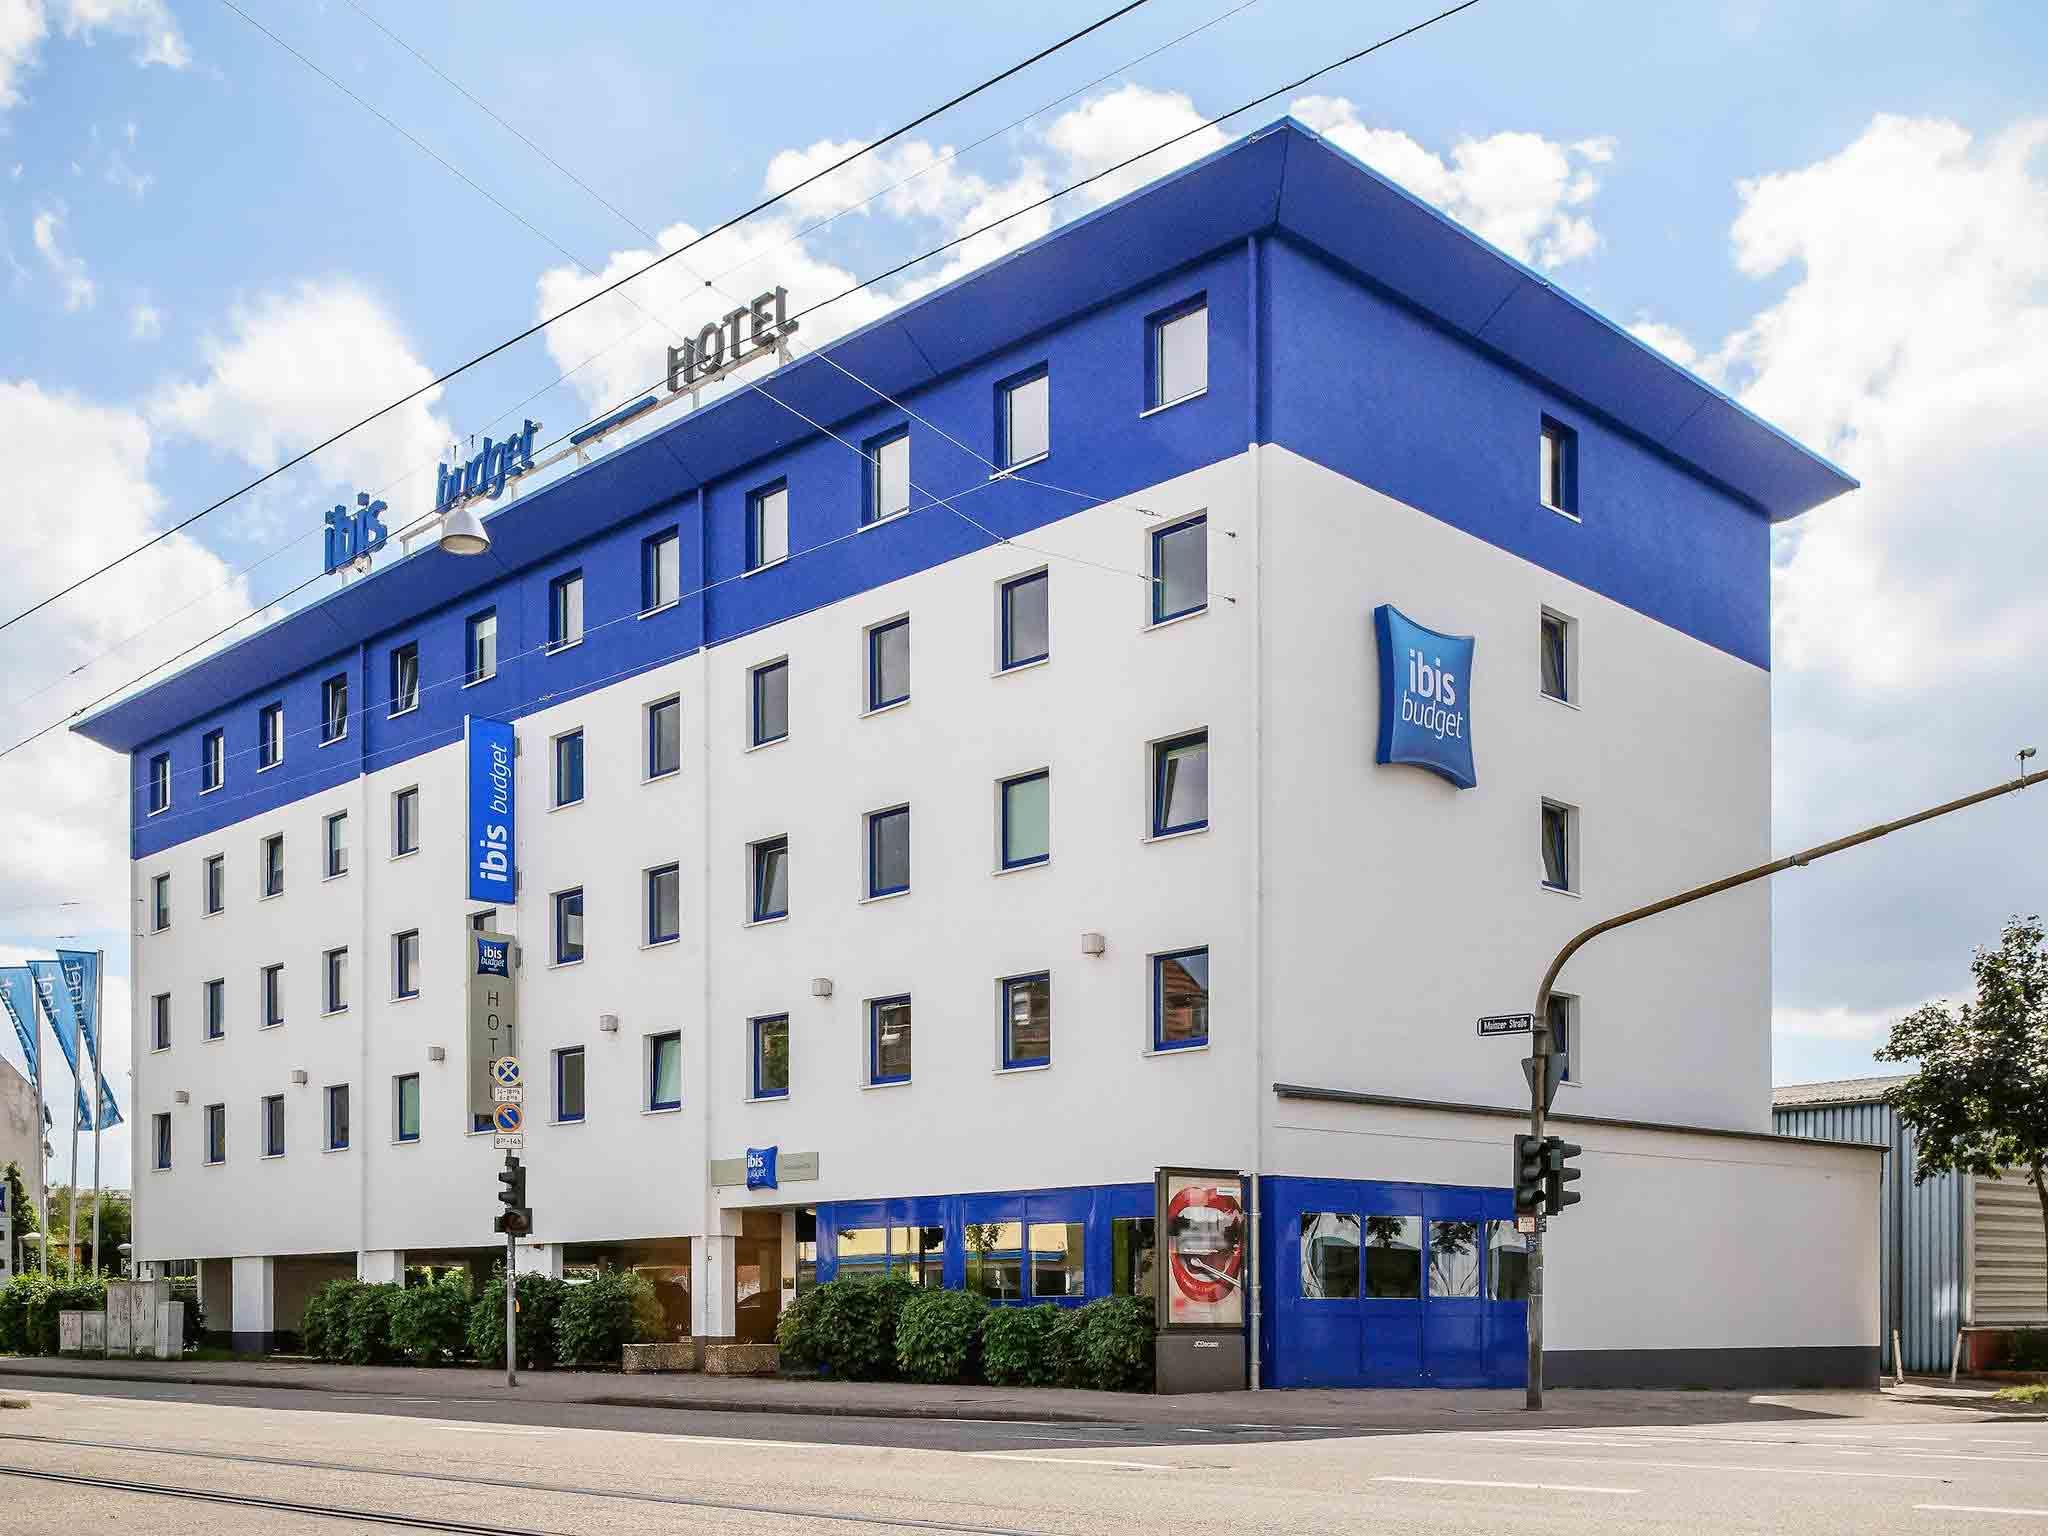 Отель — ibis budget Saarbruecken Ost